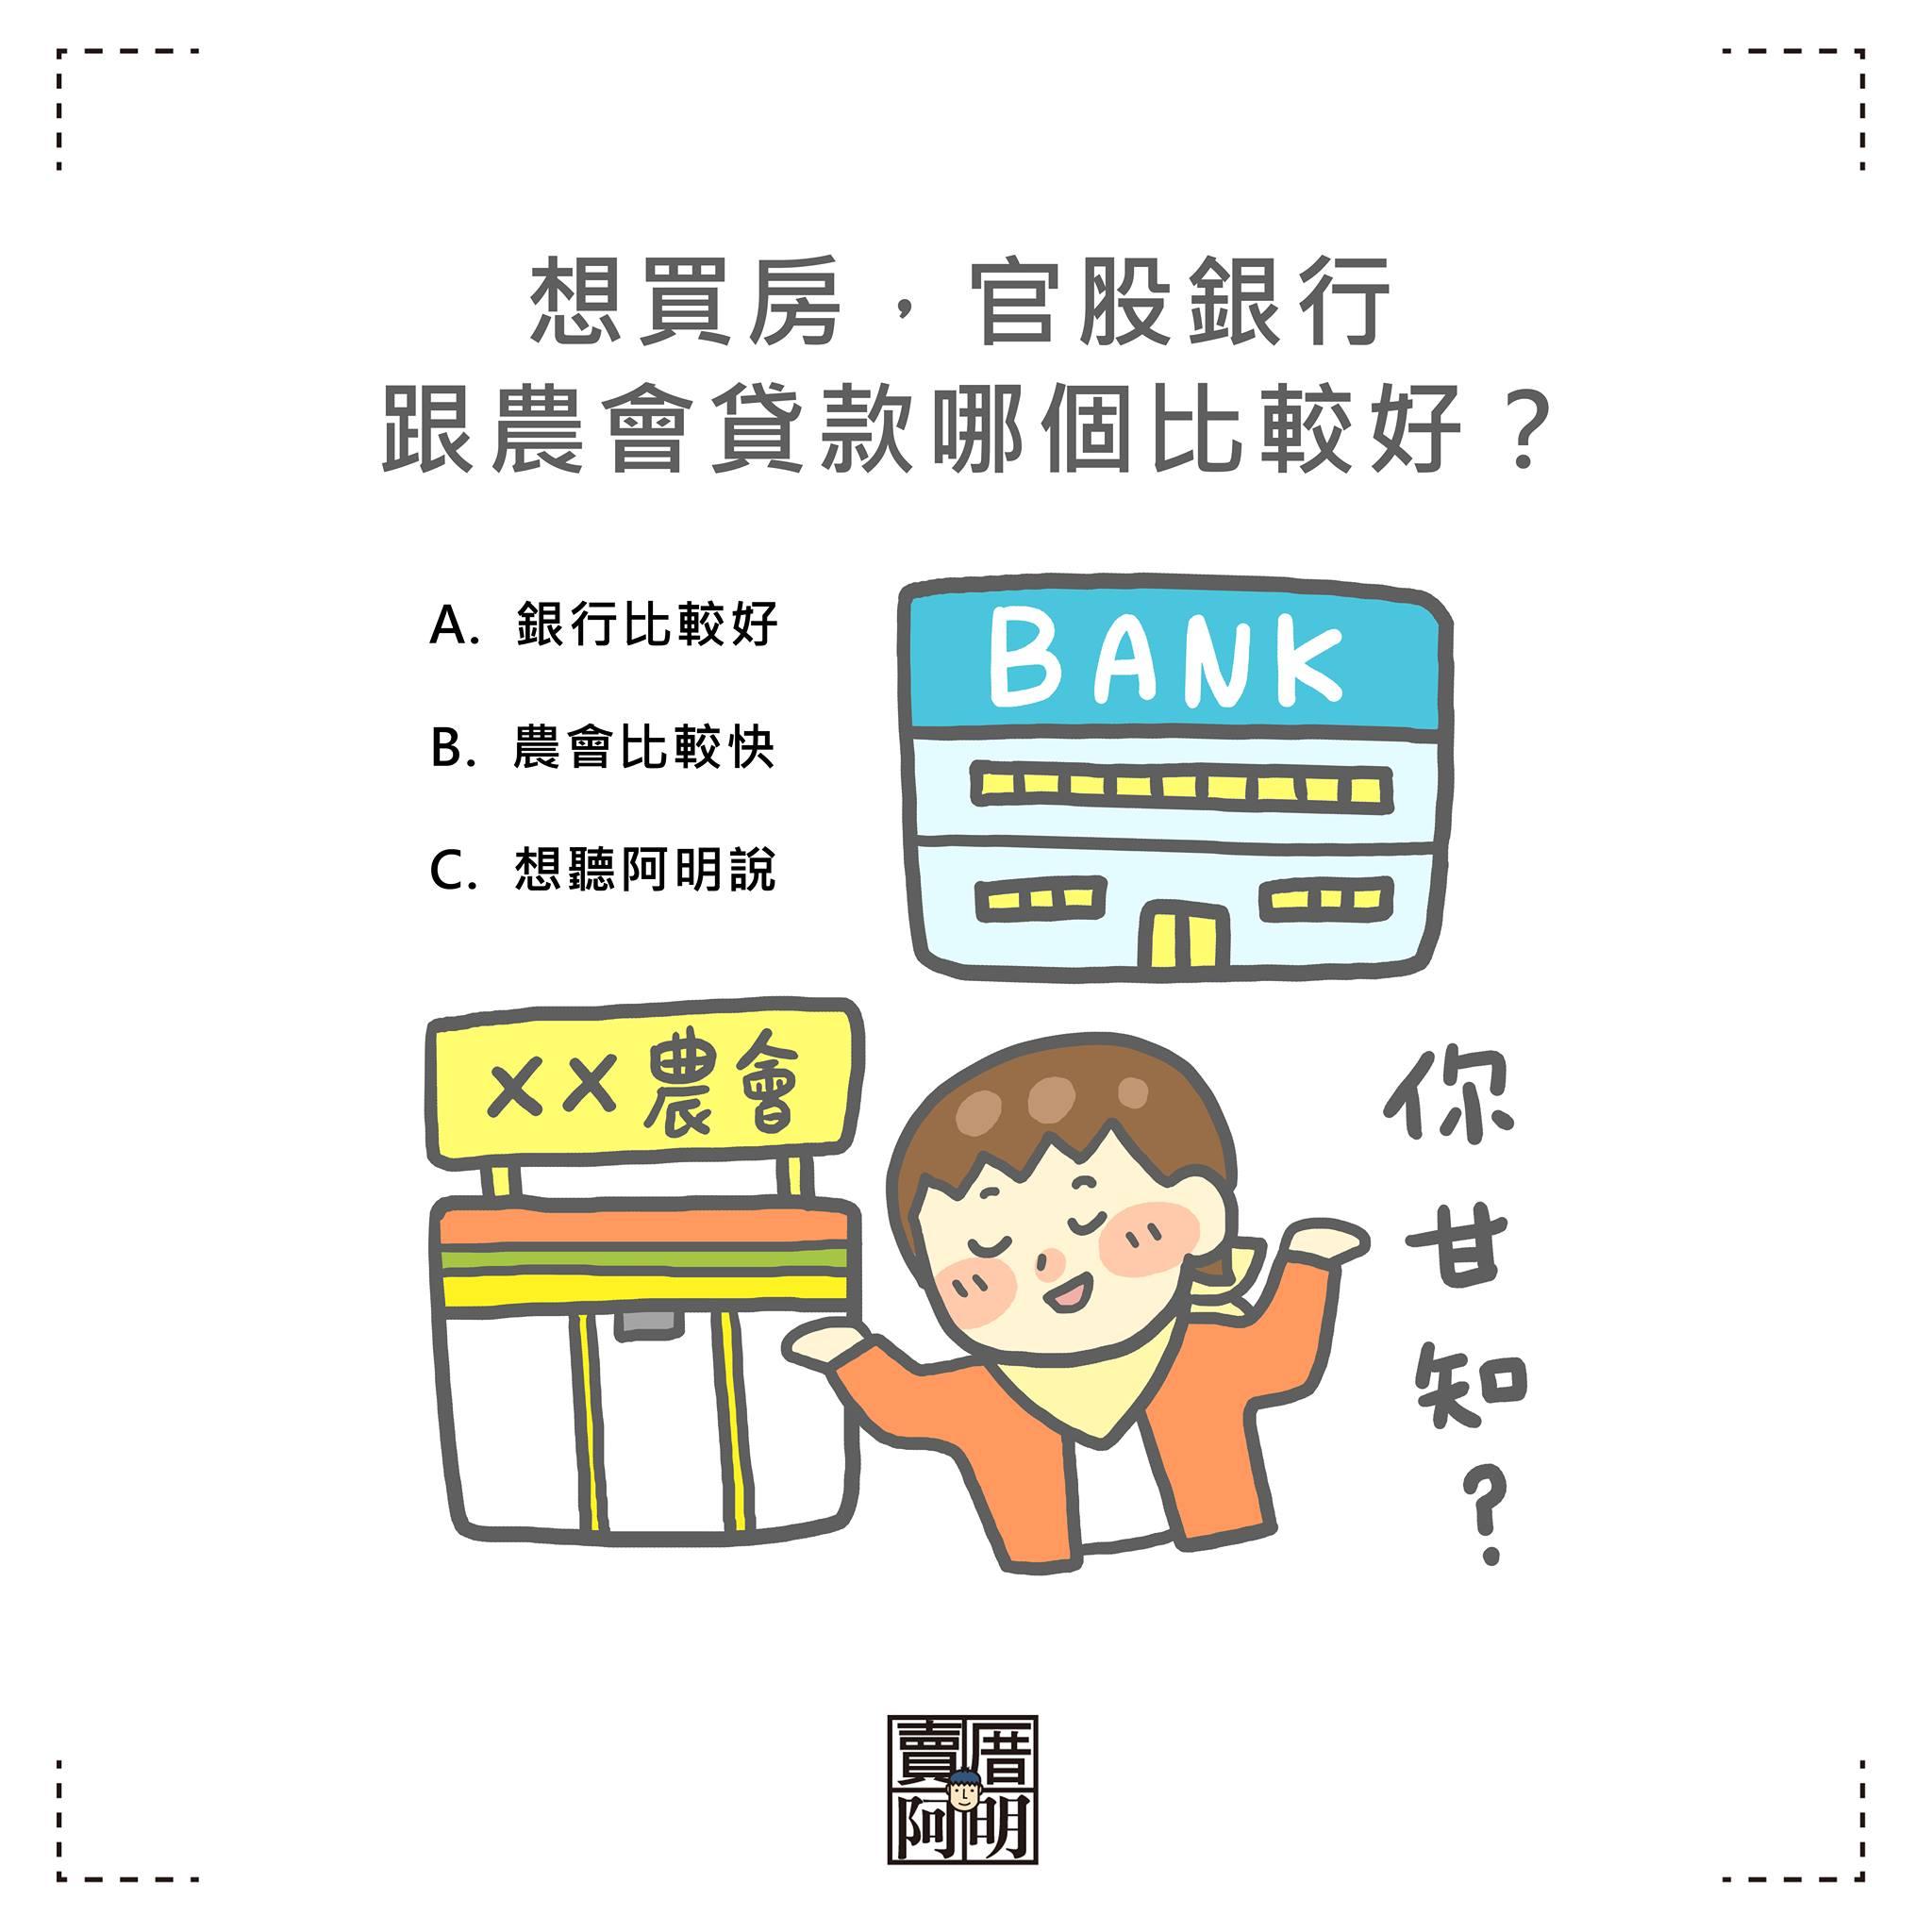 想買房,官股銀行跟農會貸款哪個比較好? | 房事QA | 賣厝阿明NEWS